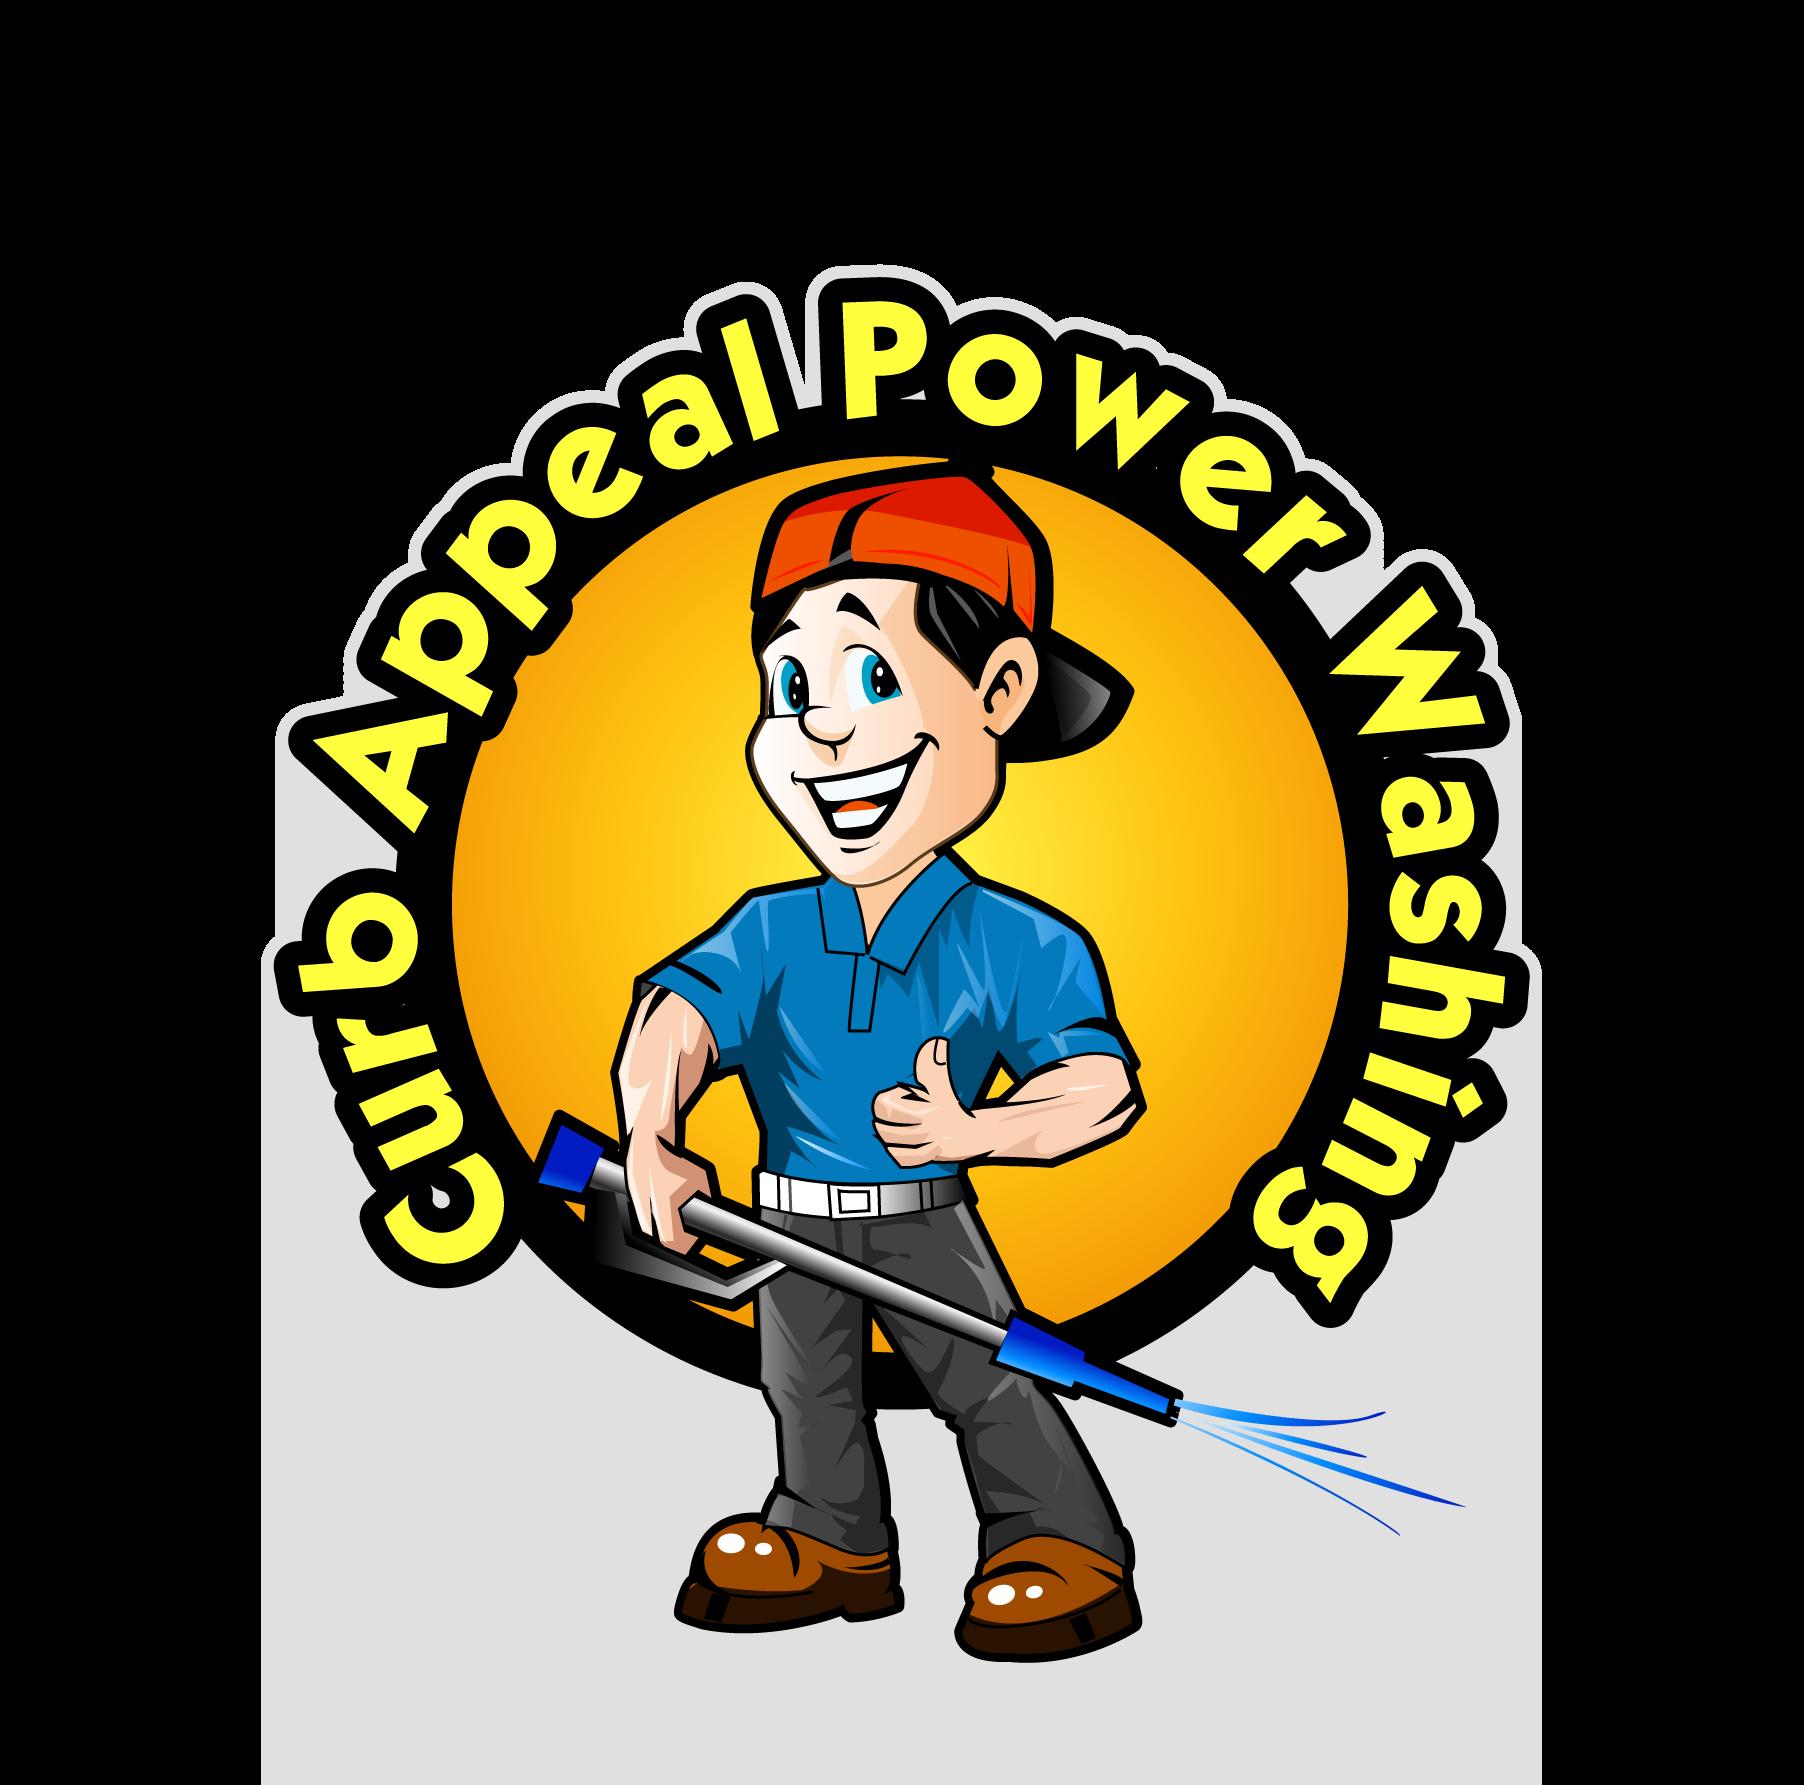 Curb Appeal Power Washing LLC logo